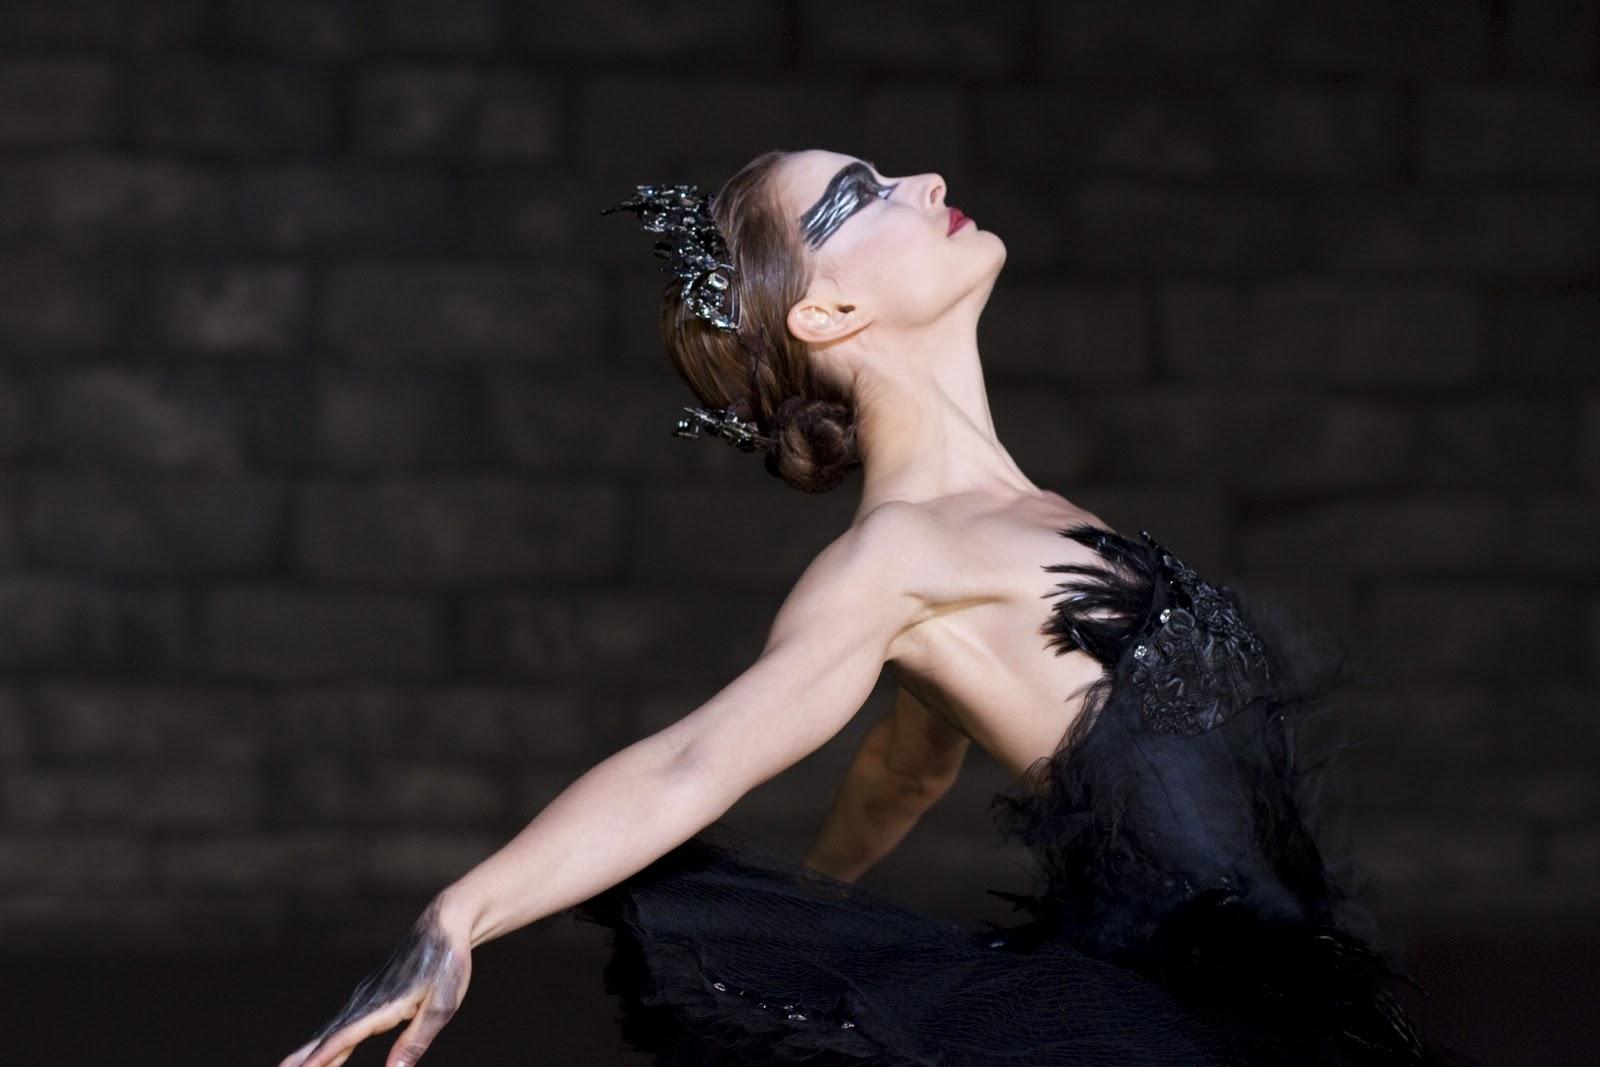 http://4.bp.blogspot.com/-FTIWbYK_QqQ/TWU24n8o9pI/AAAAAAAABKM/dDdXB6hf5yo/s1600/Black-Swan-natalie-portman-17392128-2560-1707.jpg